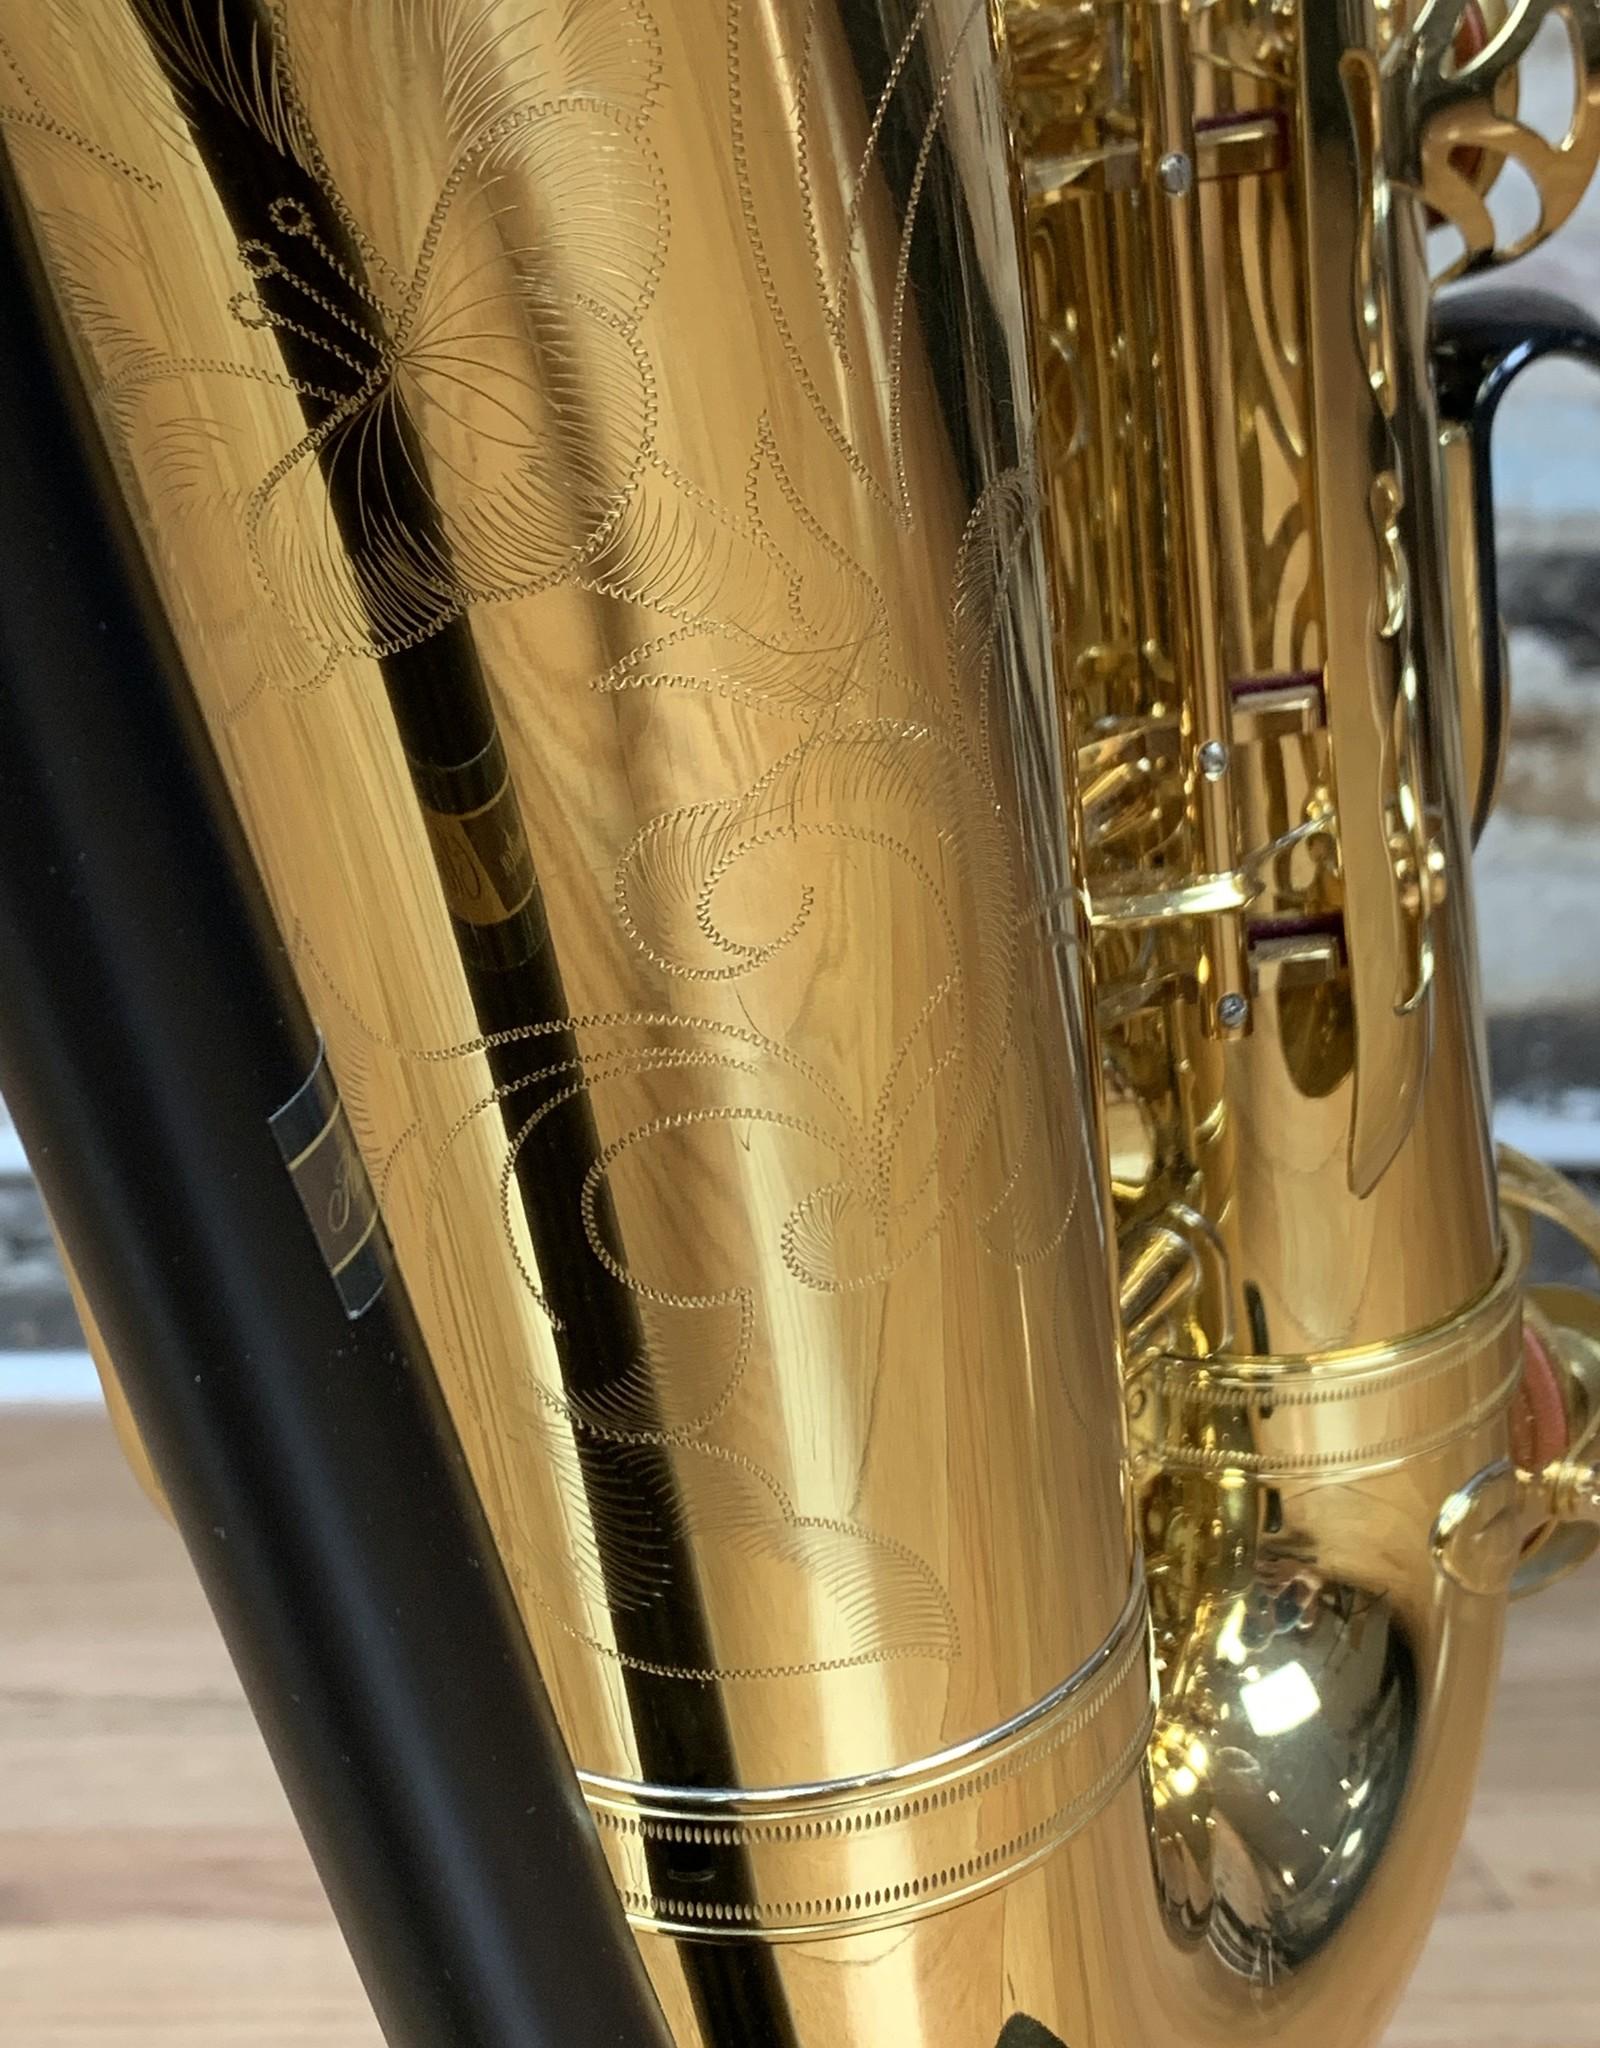 Yamaha Yamaha  YAS 62 Alto saxophone with full shop setup